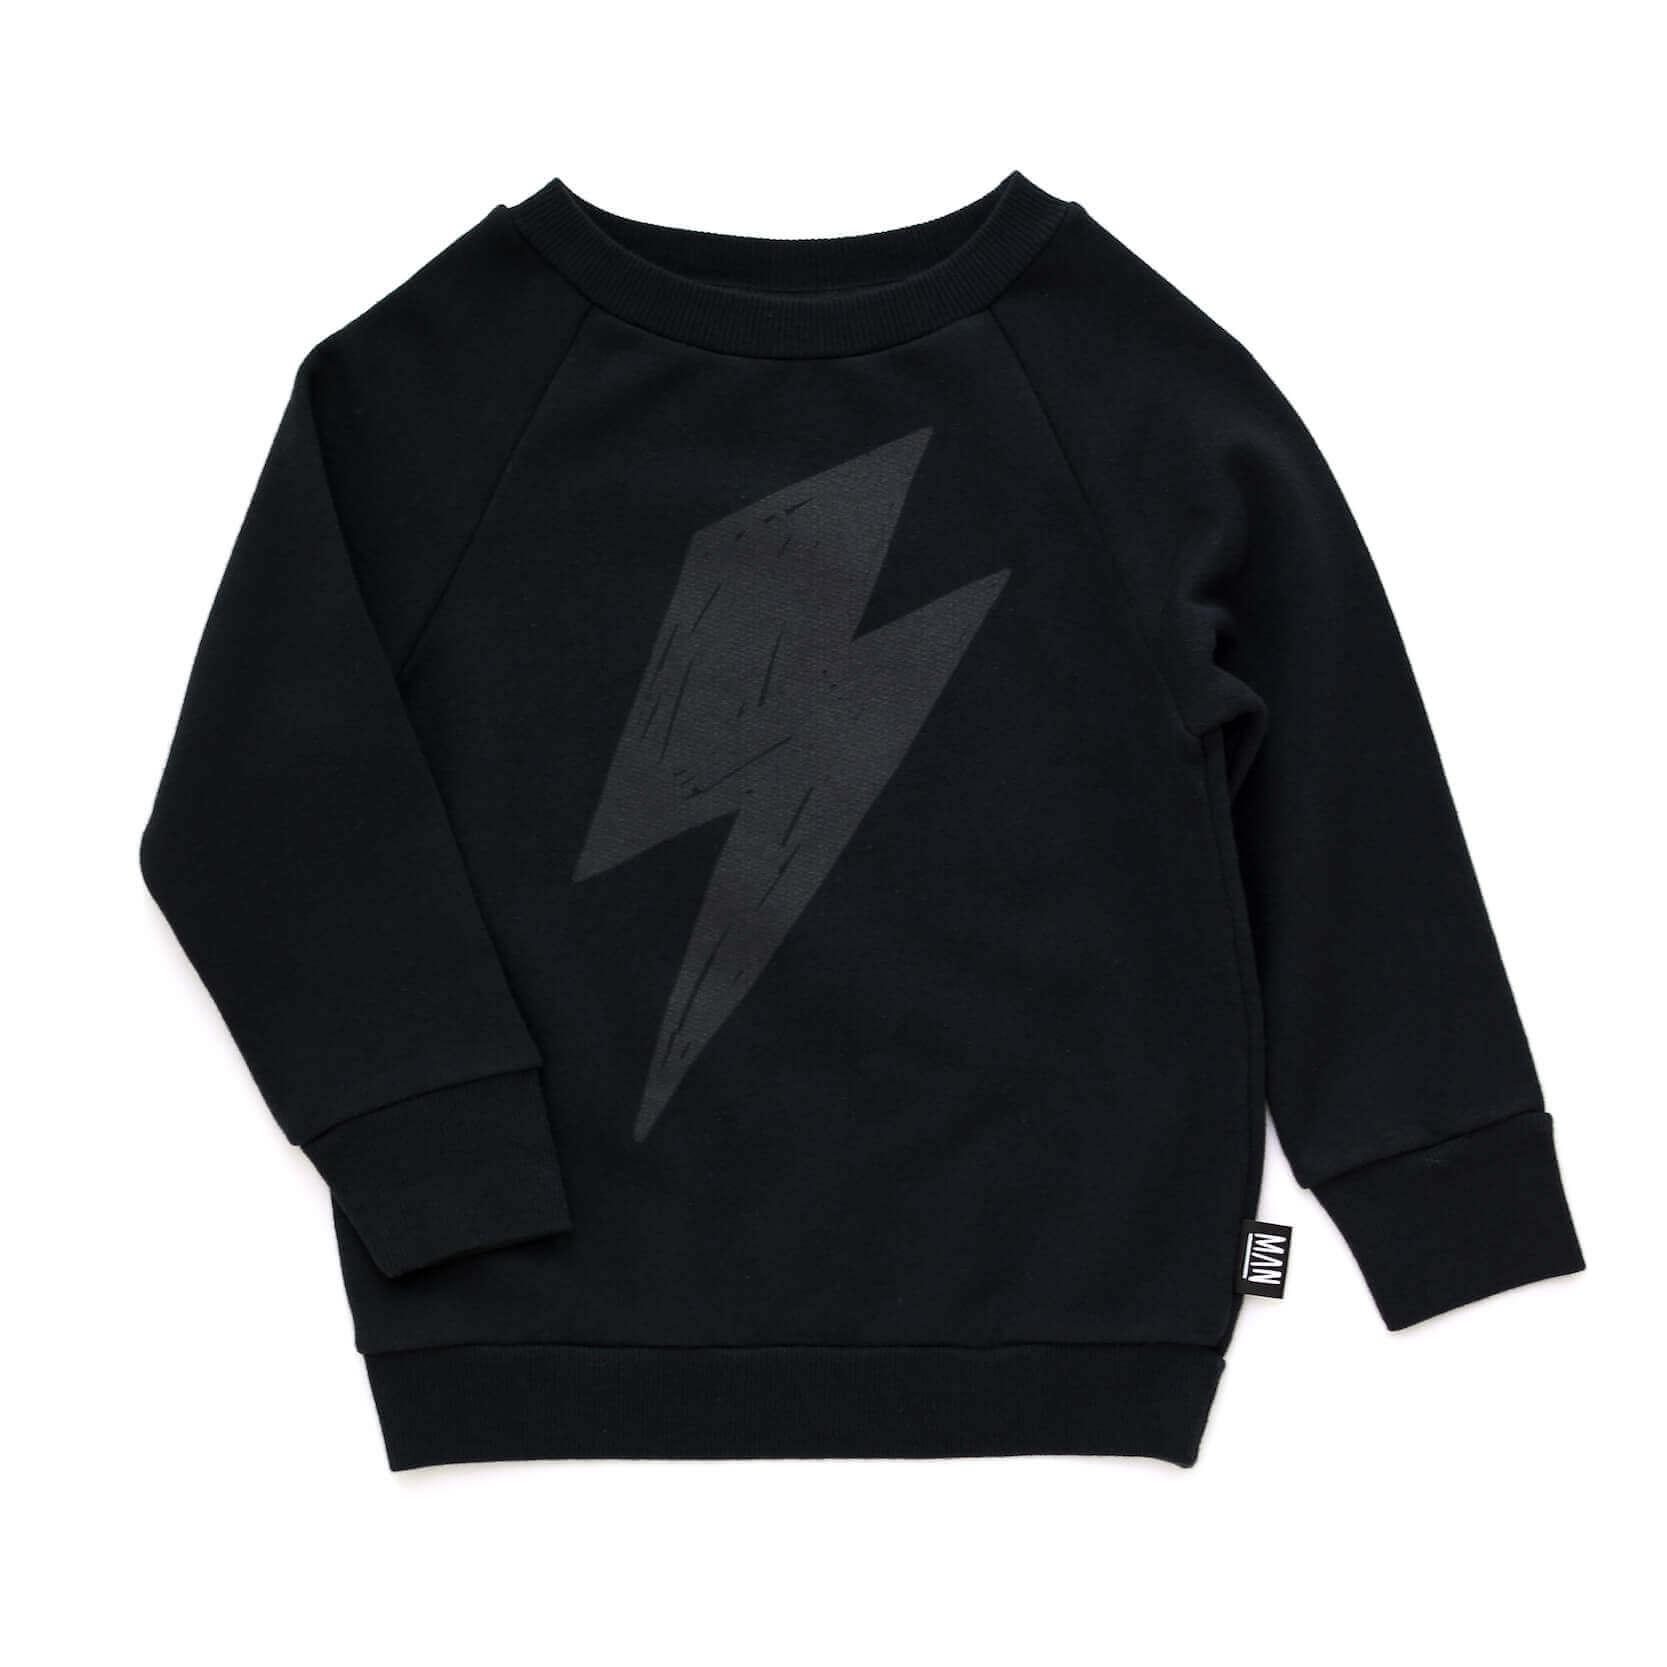 black children sweater